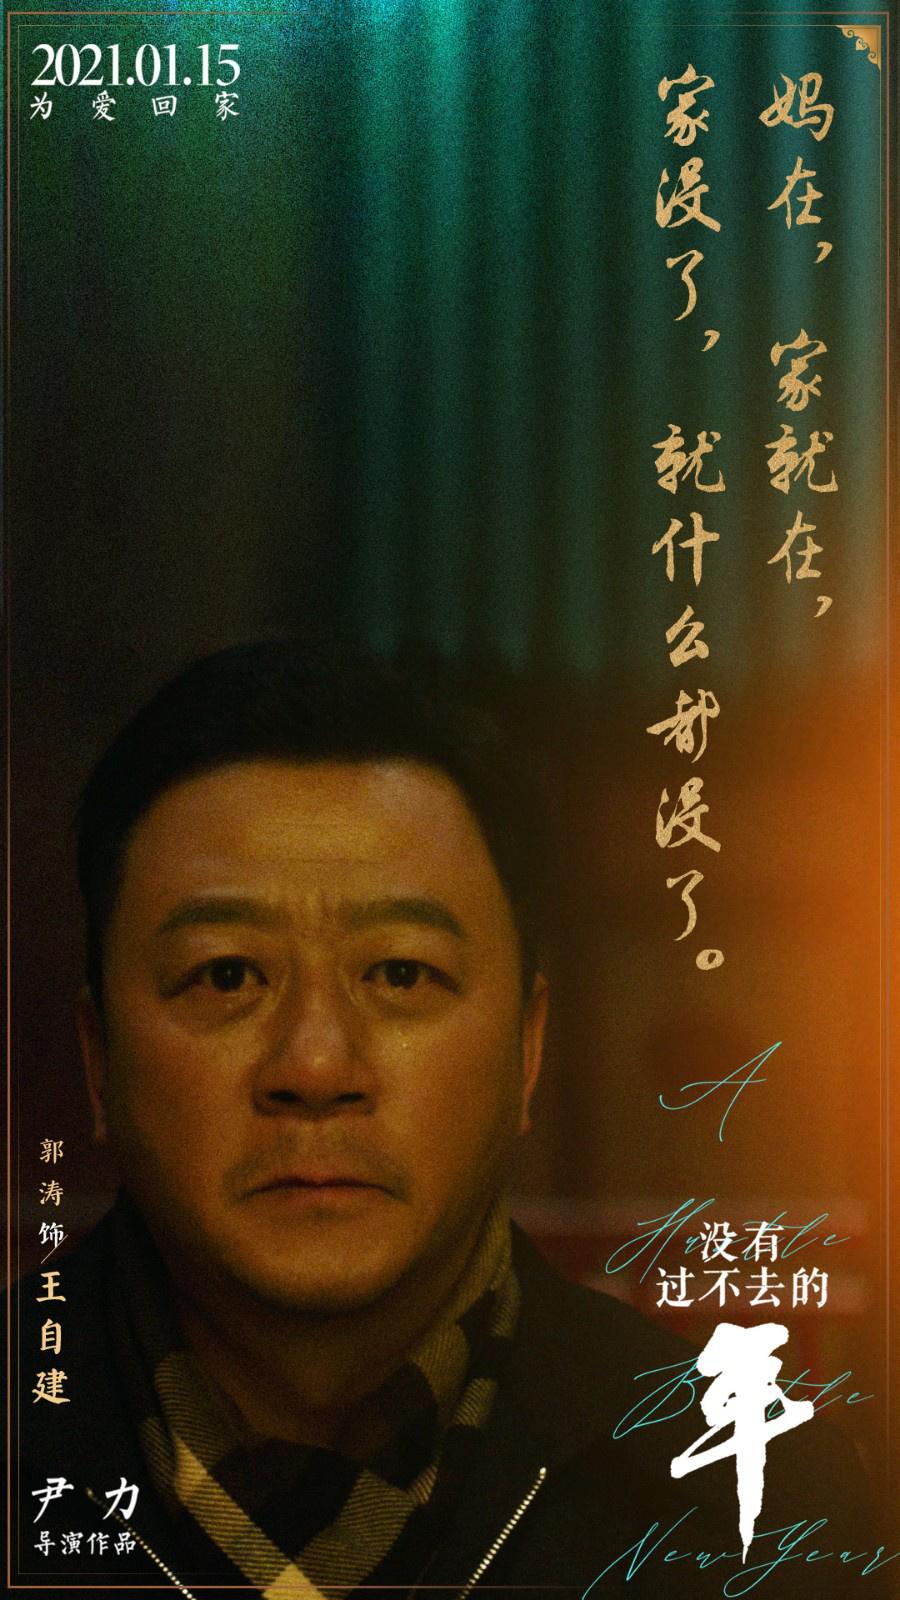 《没有过不去的年》曝光'金句'海报简单又有同情心